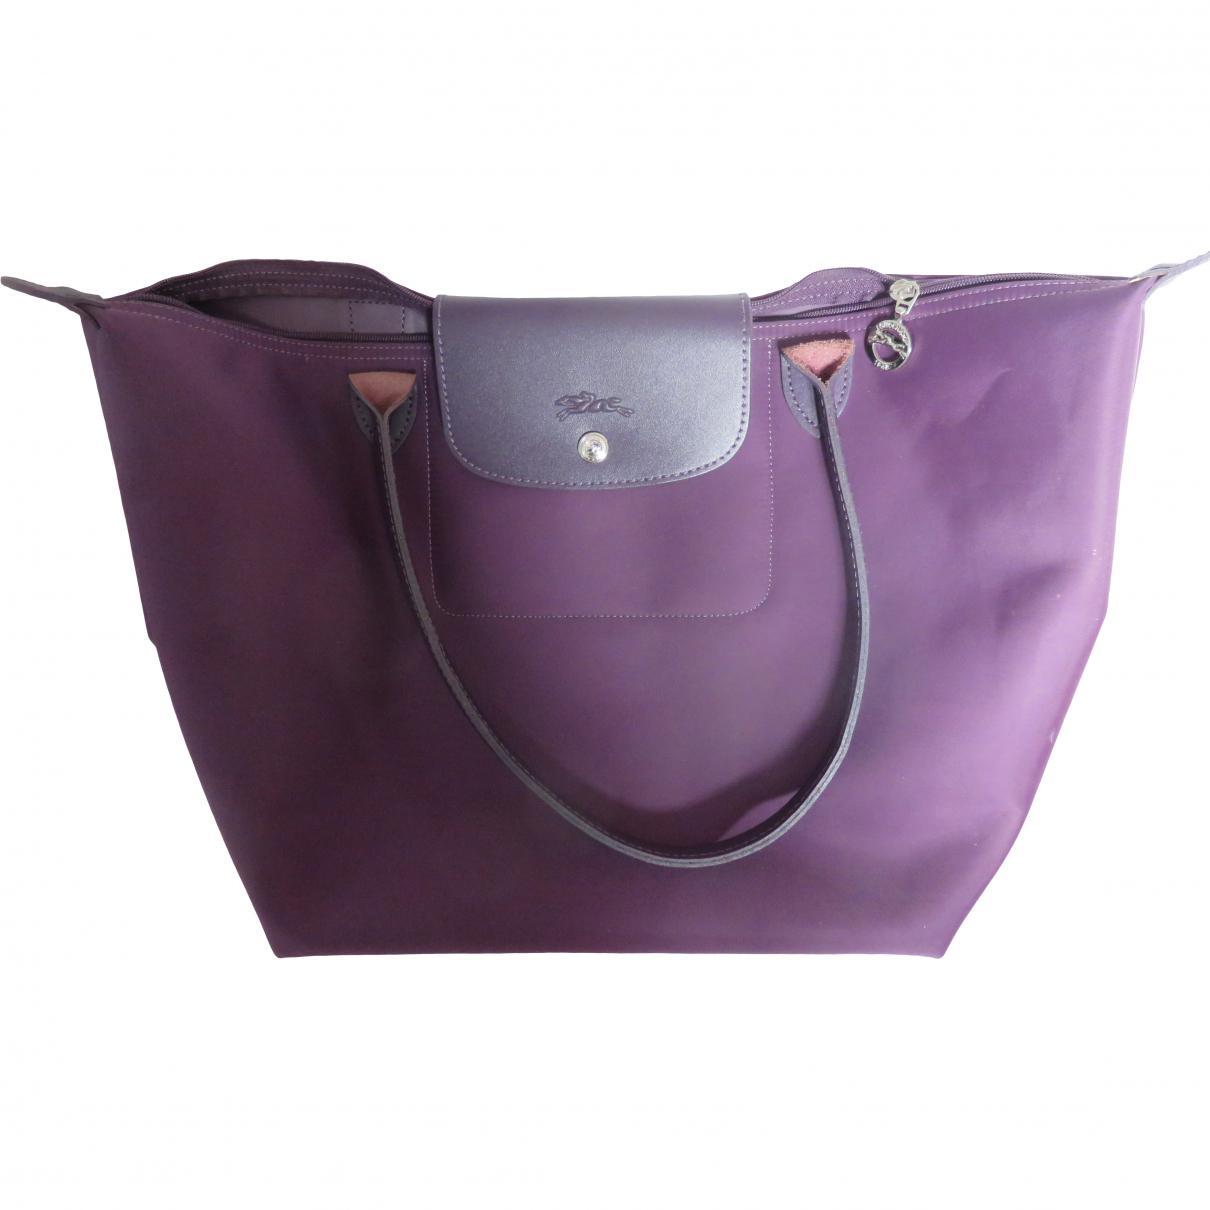 Toile En Toile En Violet Toile Sac Sac Sac Longchamps En Longchamps Violet fOOXRUq